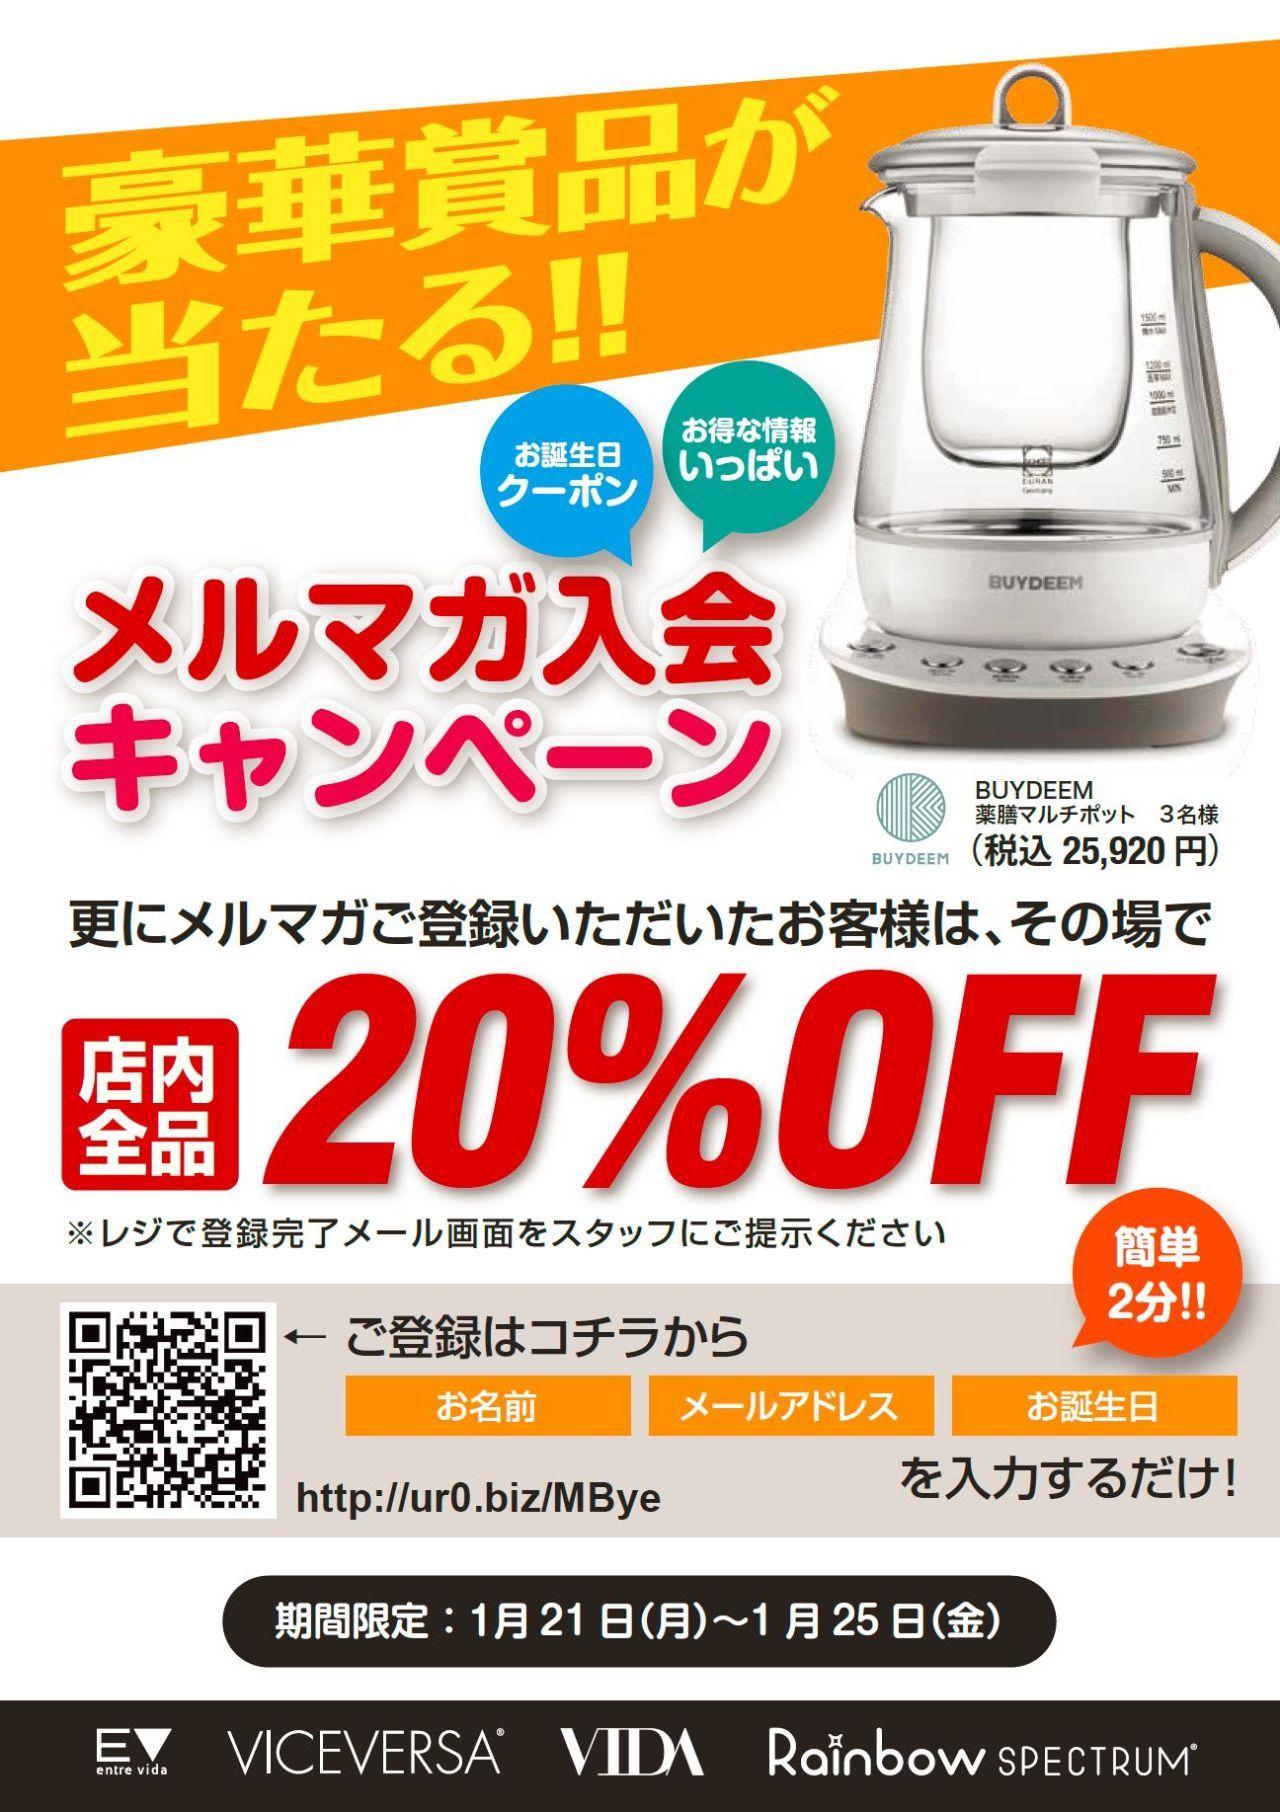 「【20%OFF】メルマガ入会キャンペーン【豪華賞品】」の写真